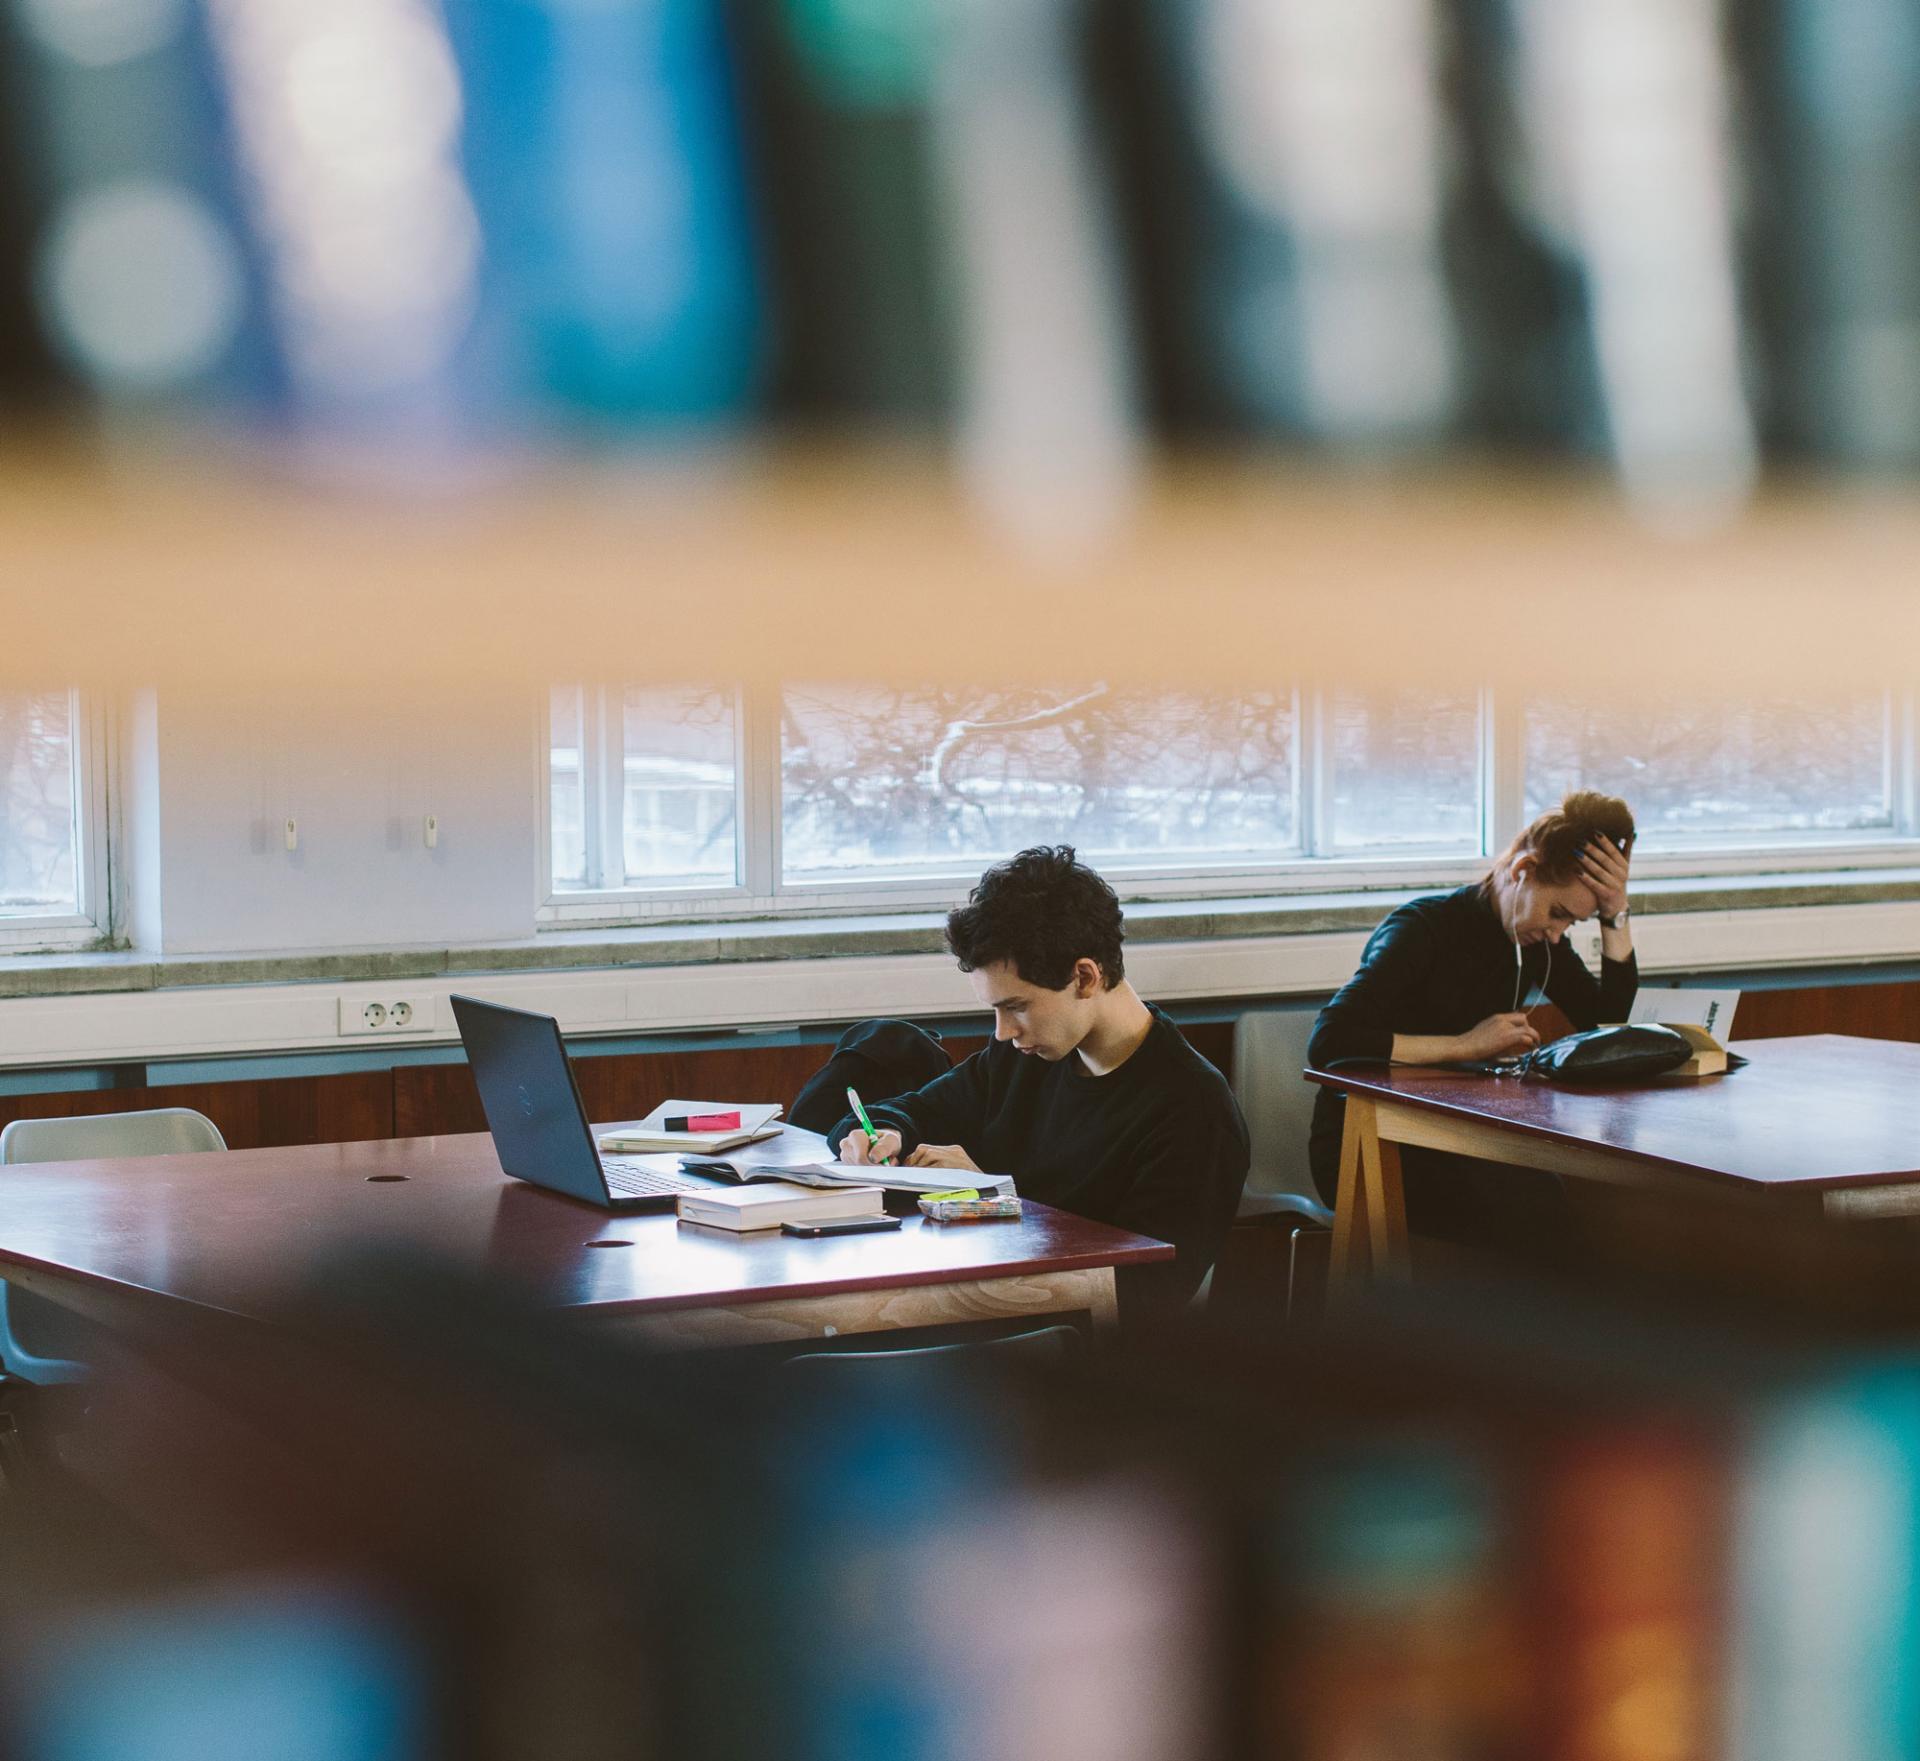 Учи.ру совместно сМФТИ запустили первый конкурс пофизике иматематике для учащихся младших классов